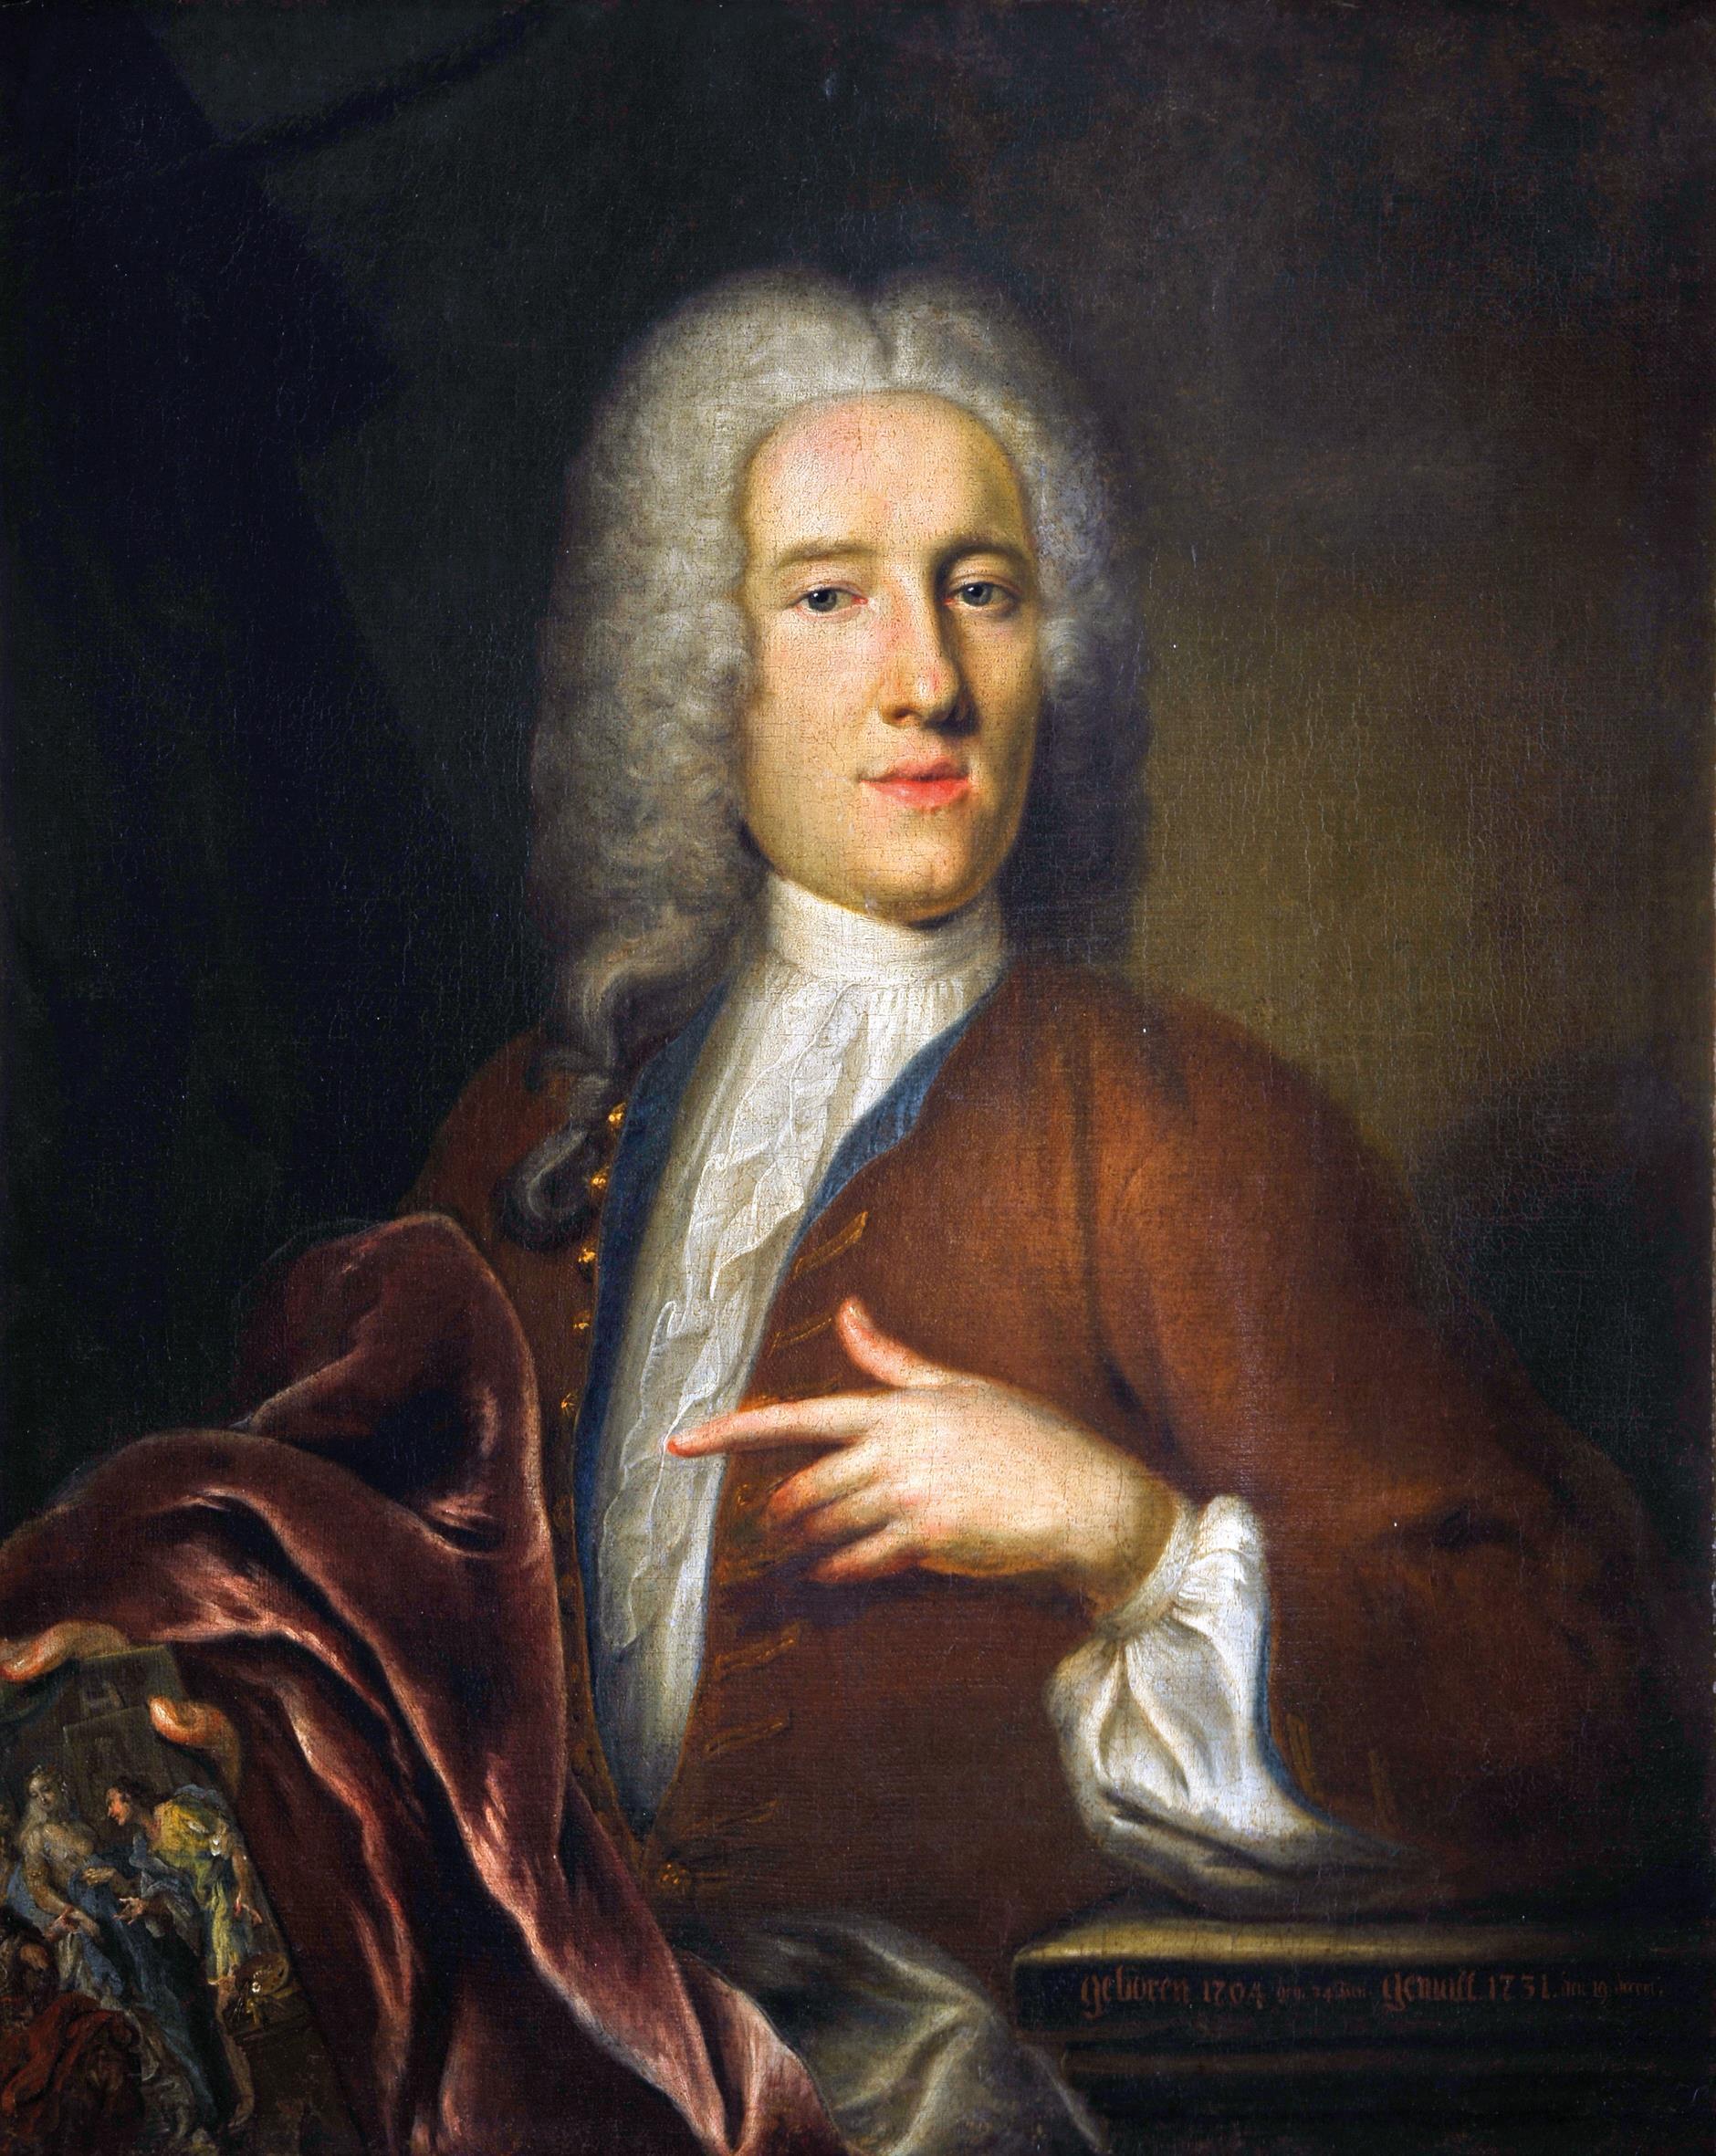 Мужской портрет. 65.3 x 92.4 см. частная коллекция